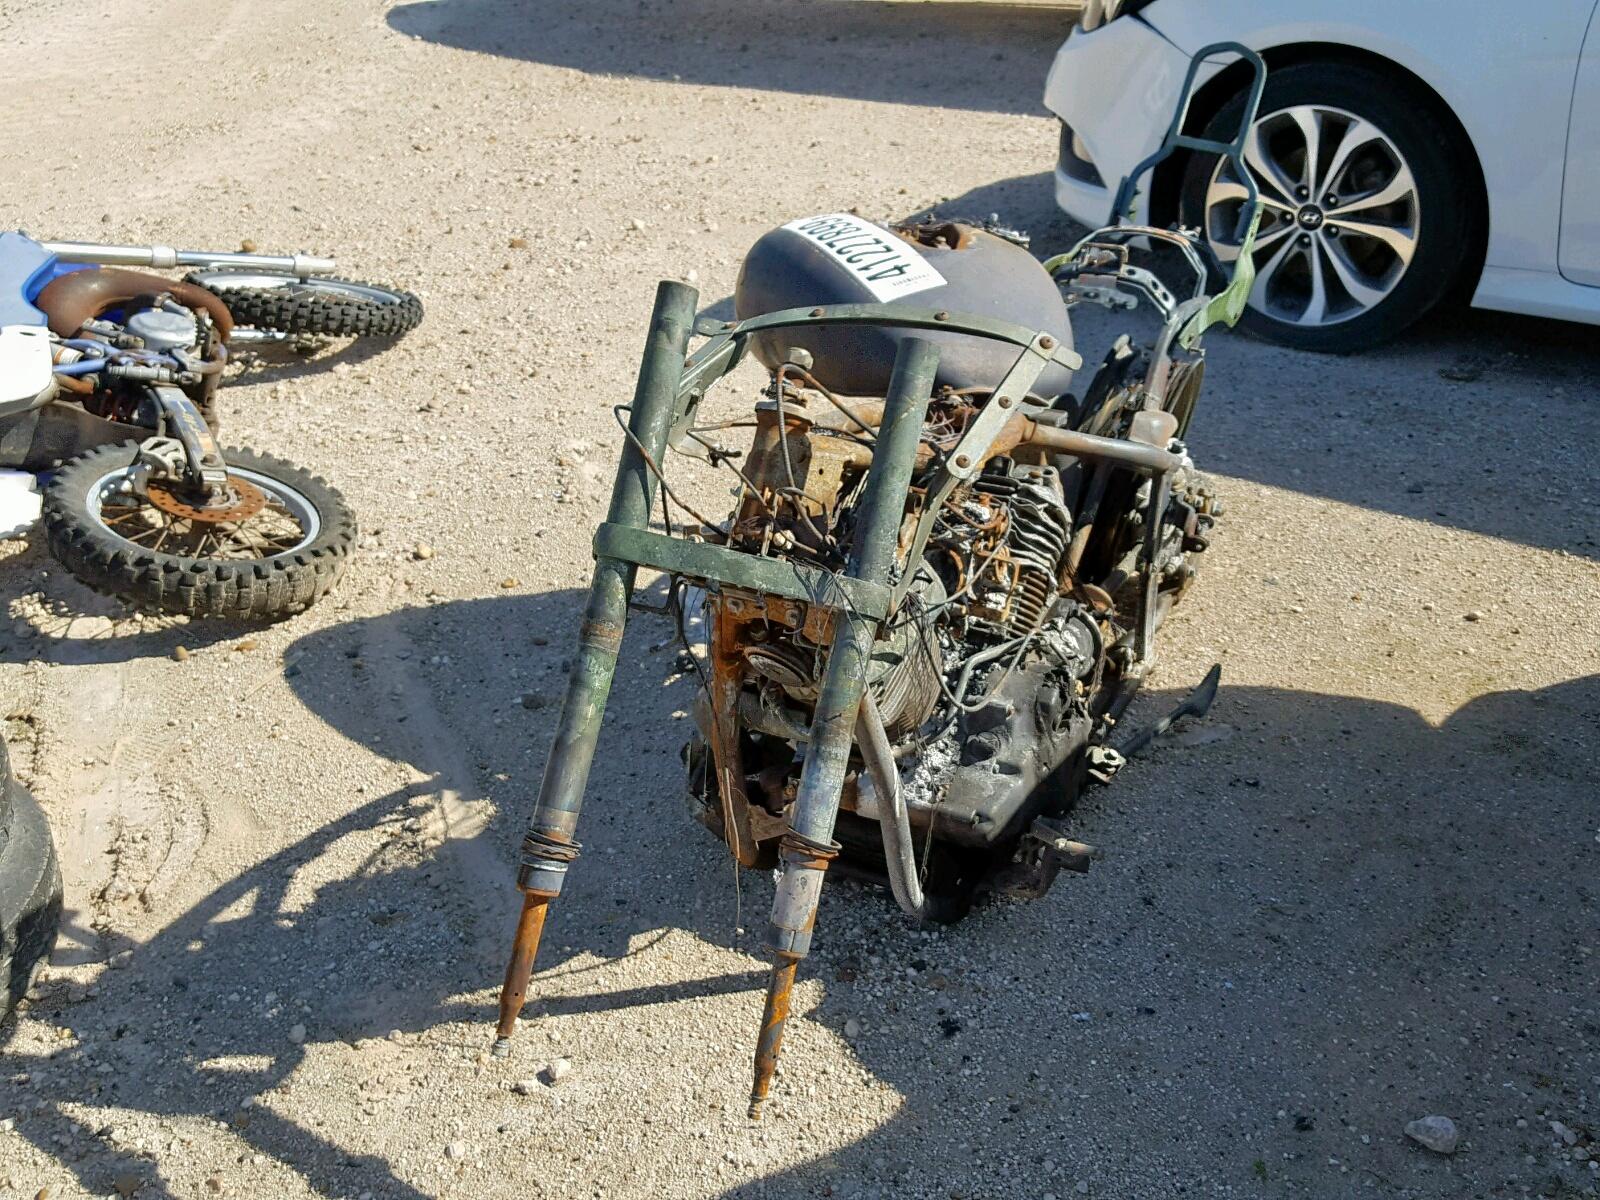 JYAVP11E84A056507 - 2004 Yamaha Xvs1100 A 2 Right View